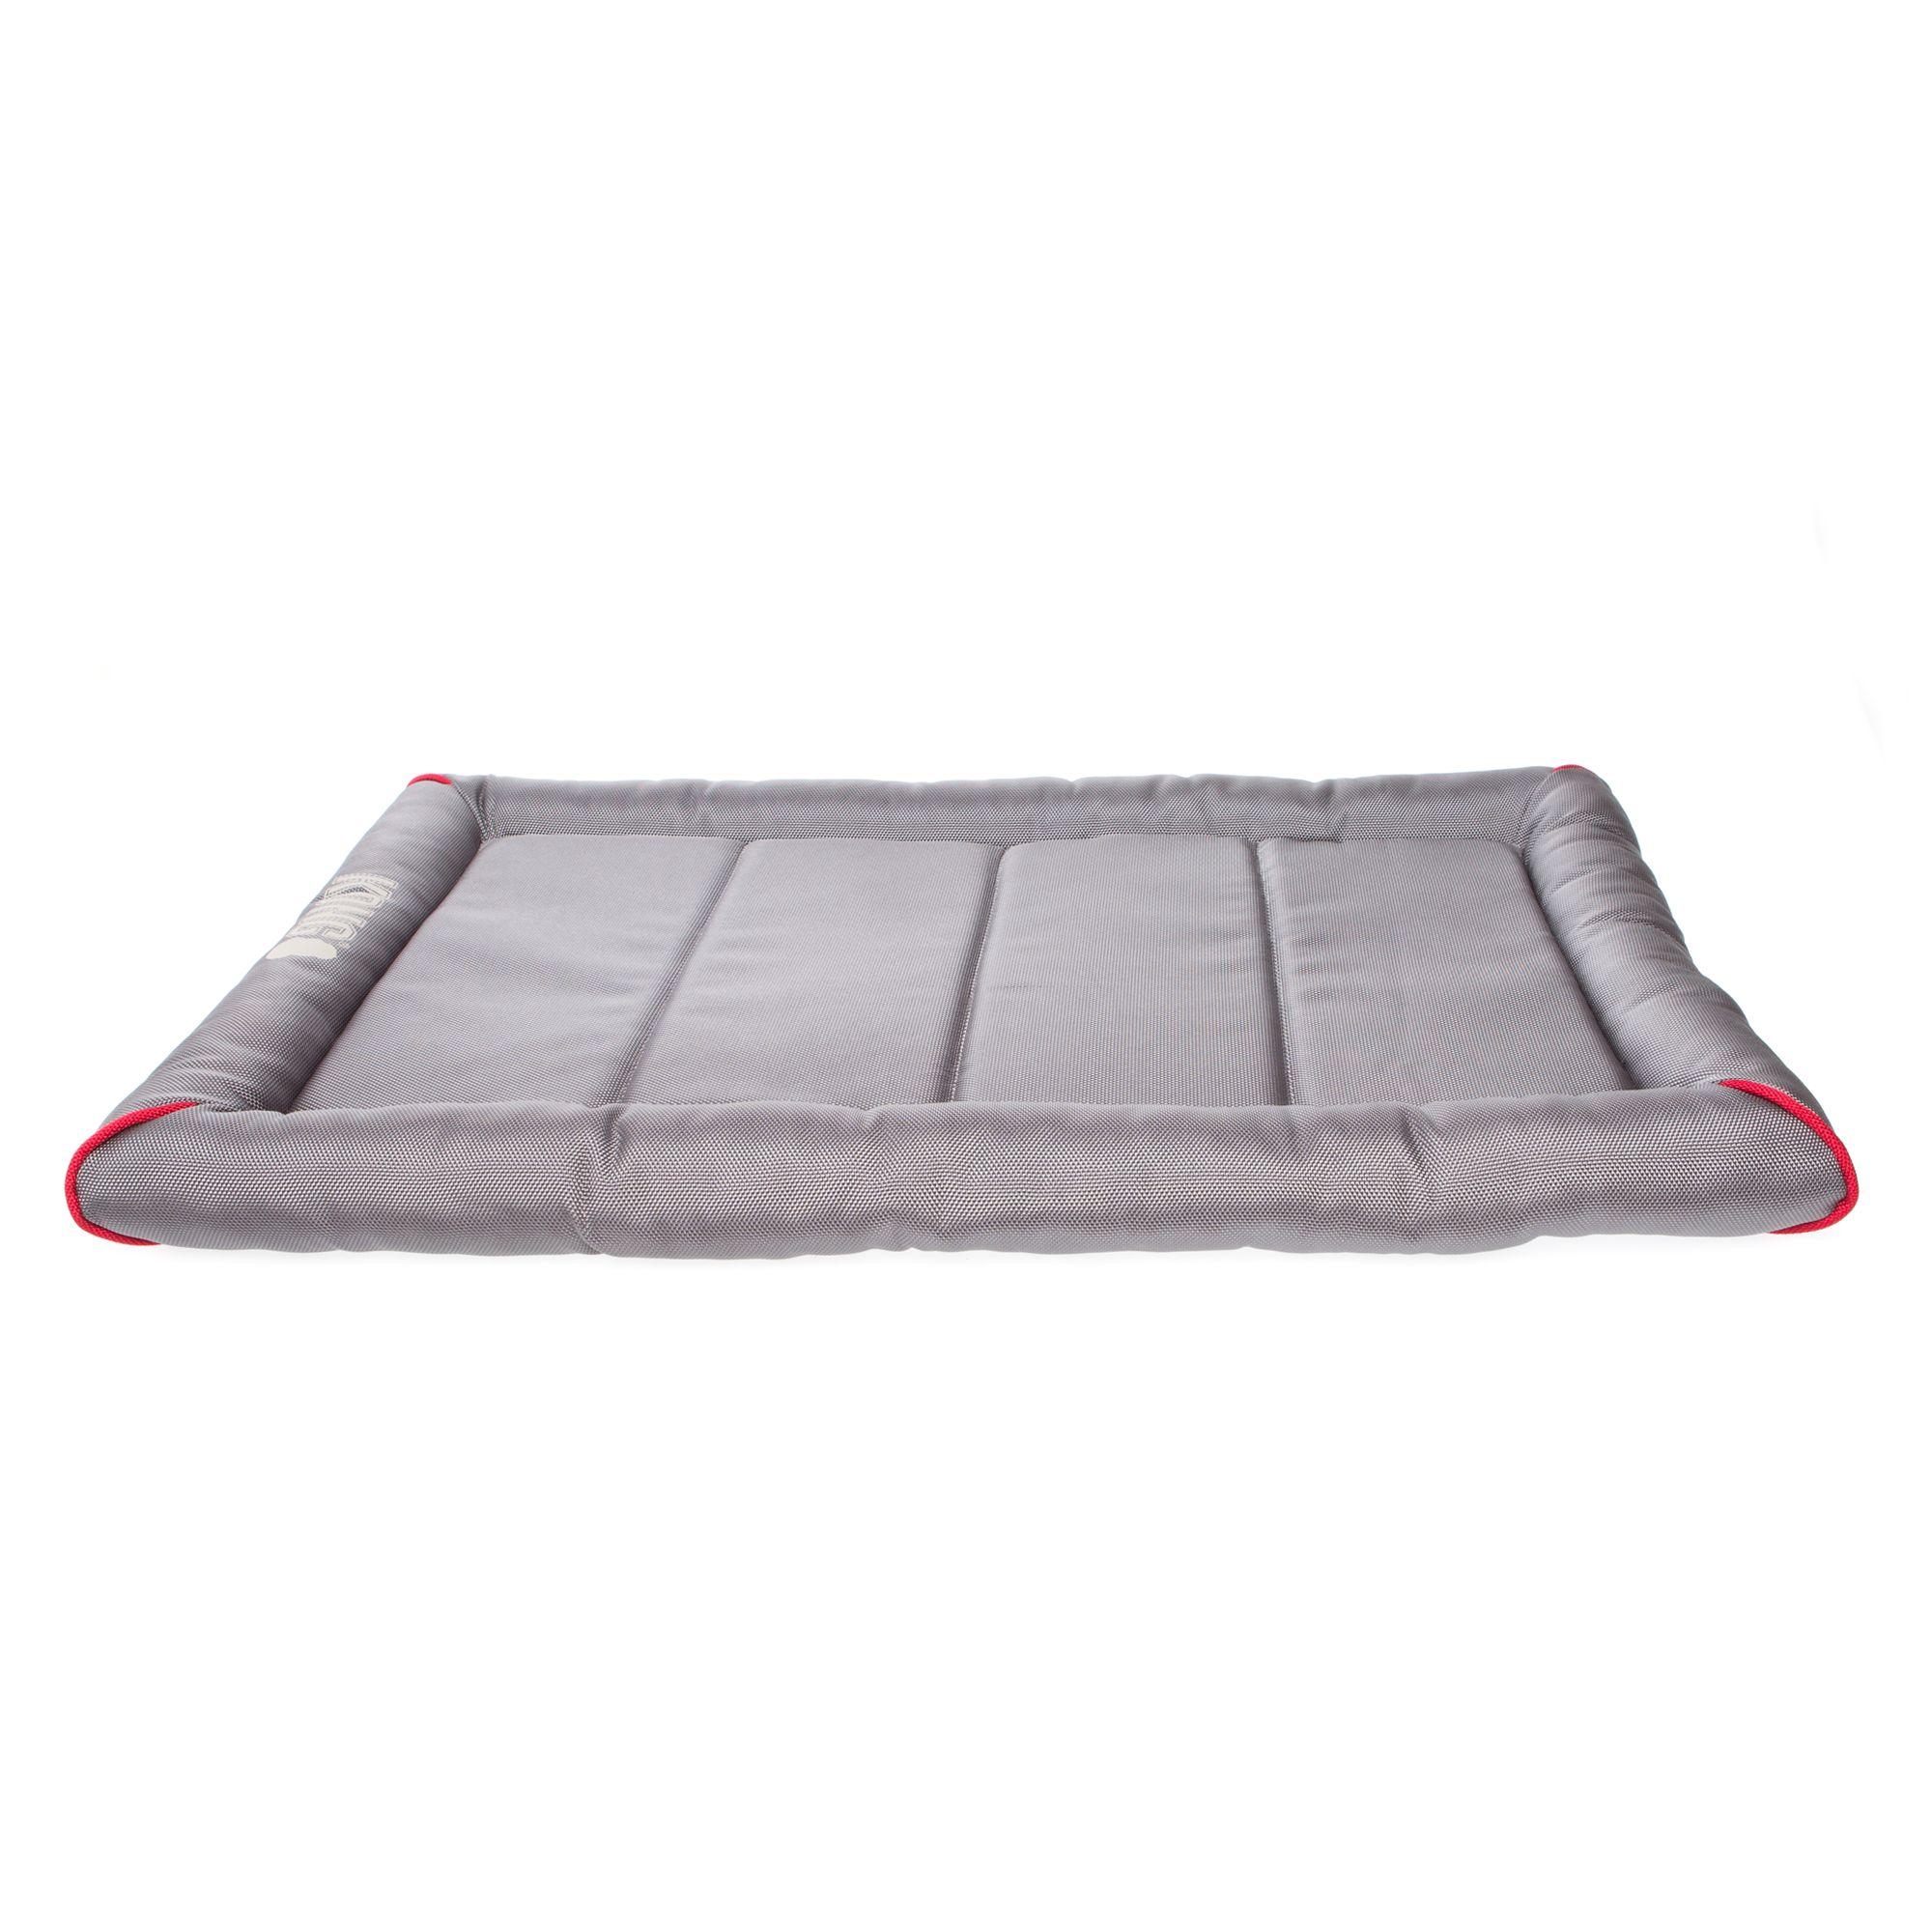 kong durable pet crate mat pad